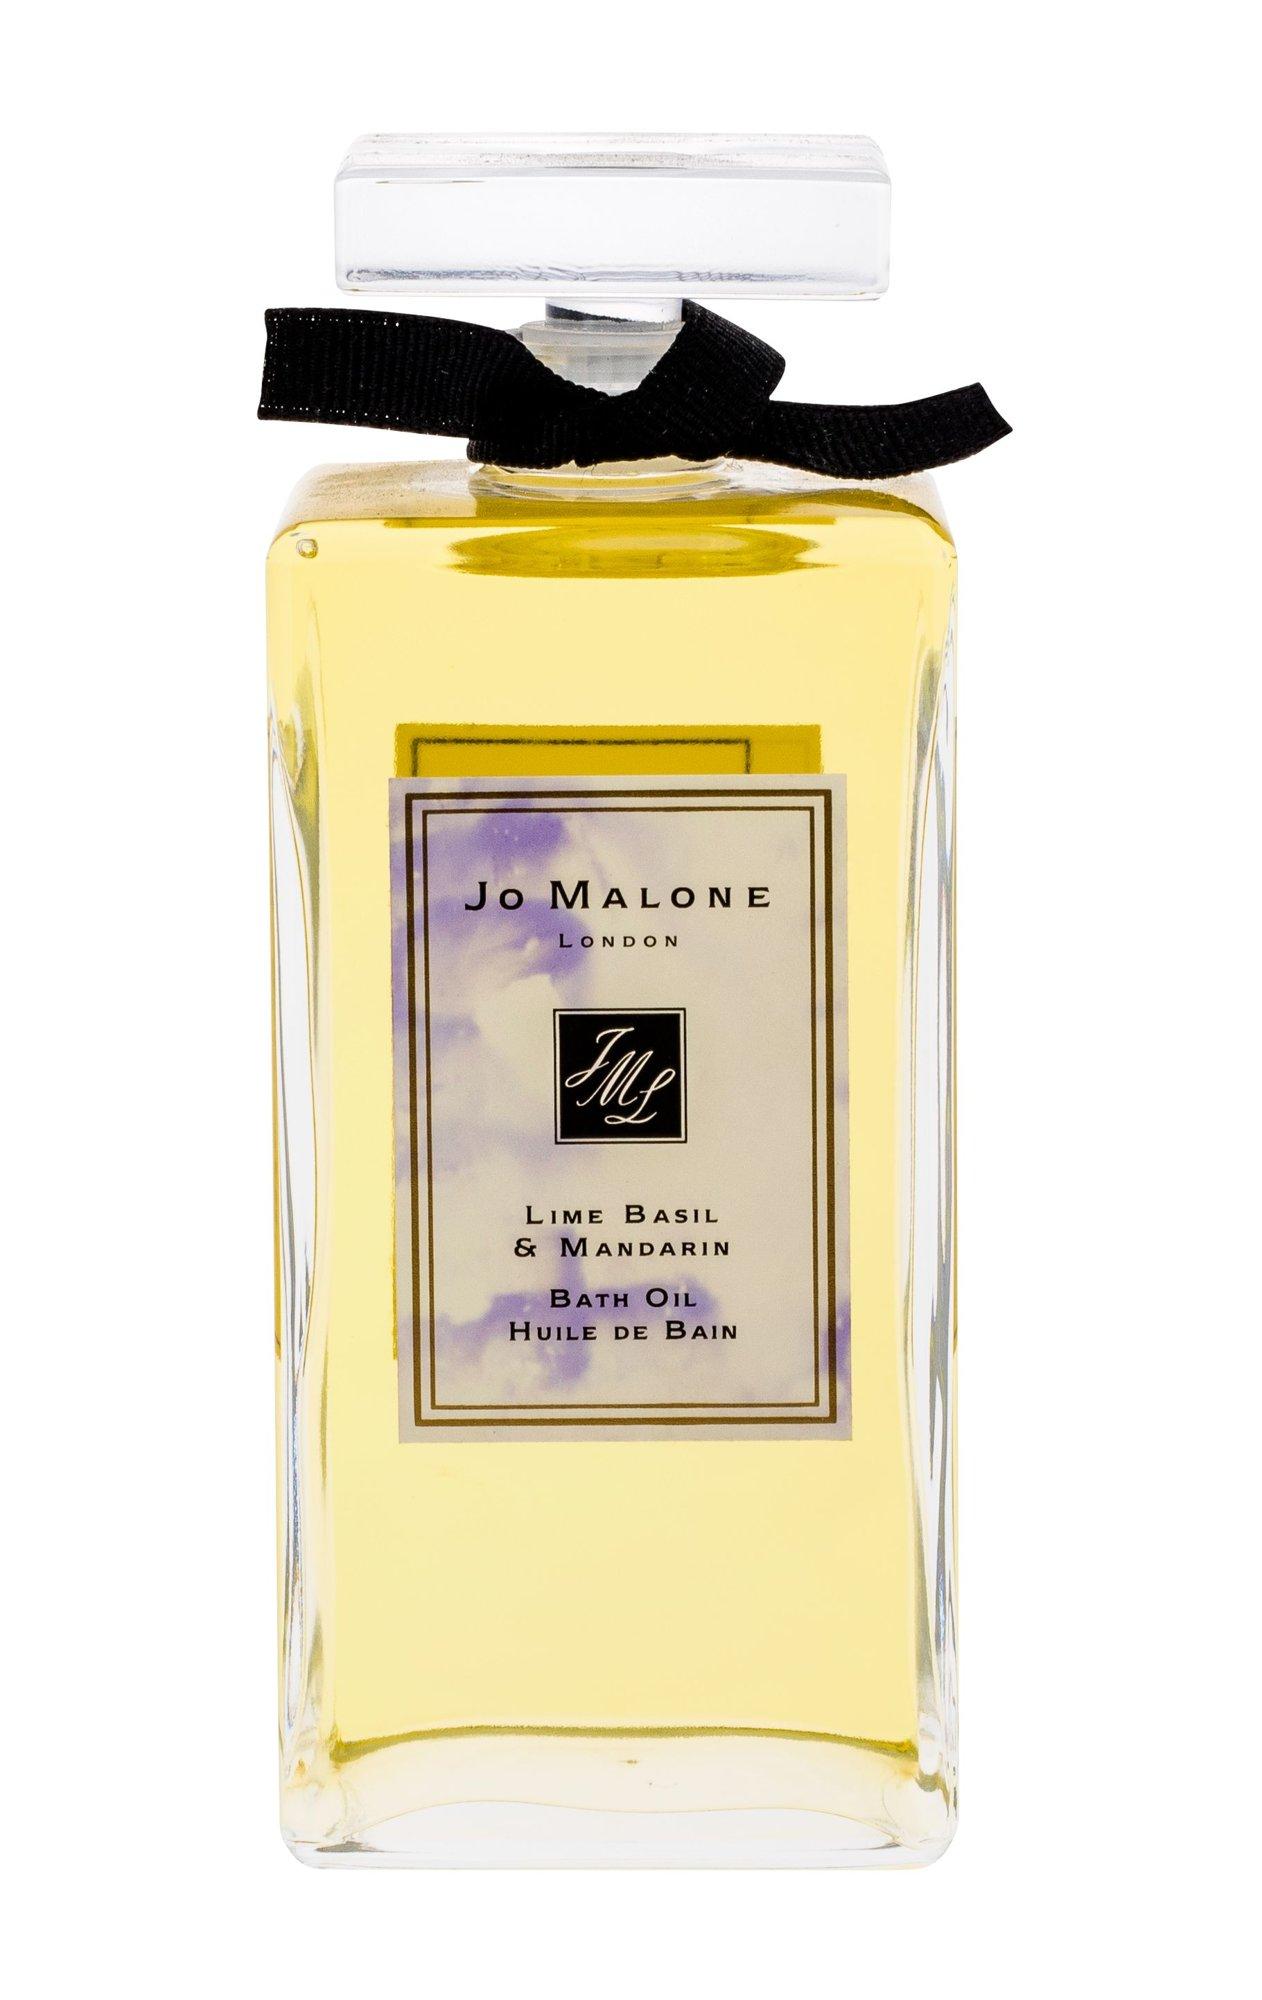 Jo Malone Lime Basil & Mandarin Shower Oil 200ml